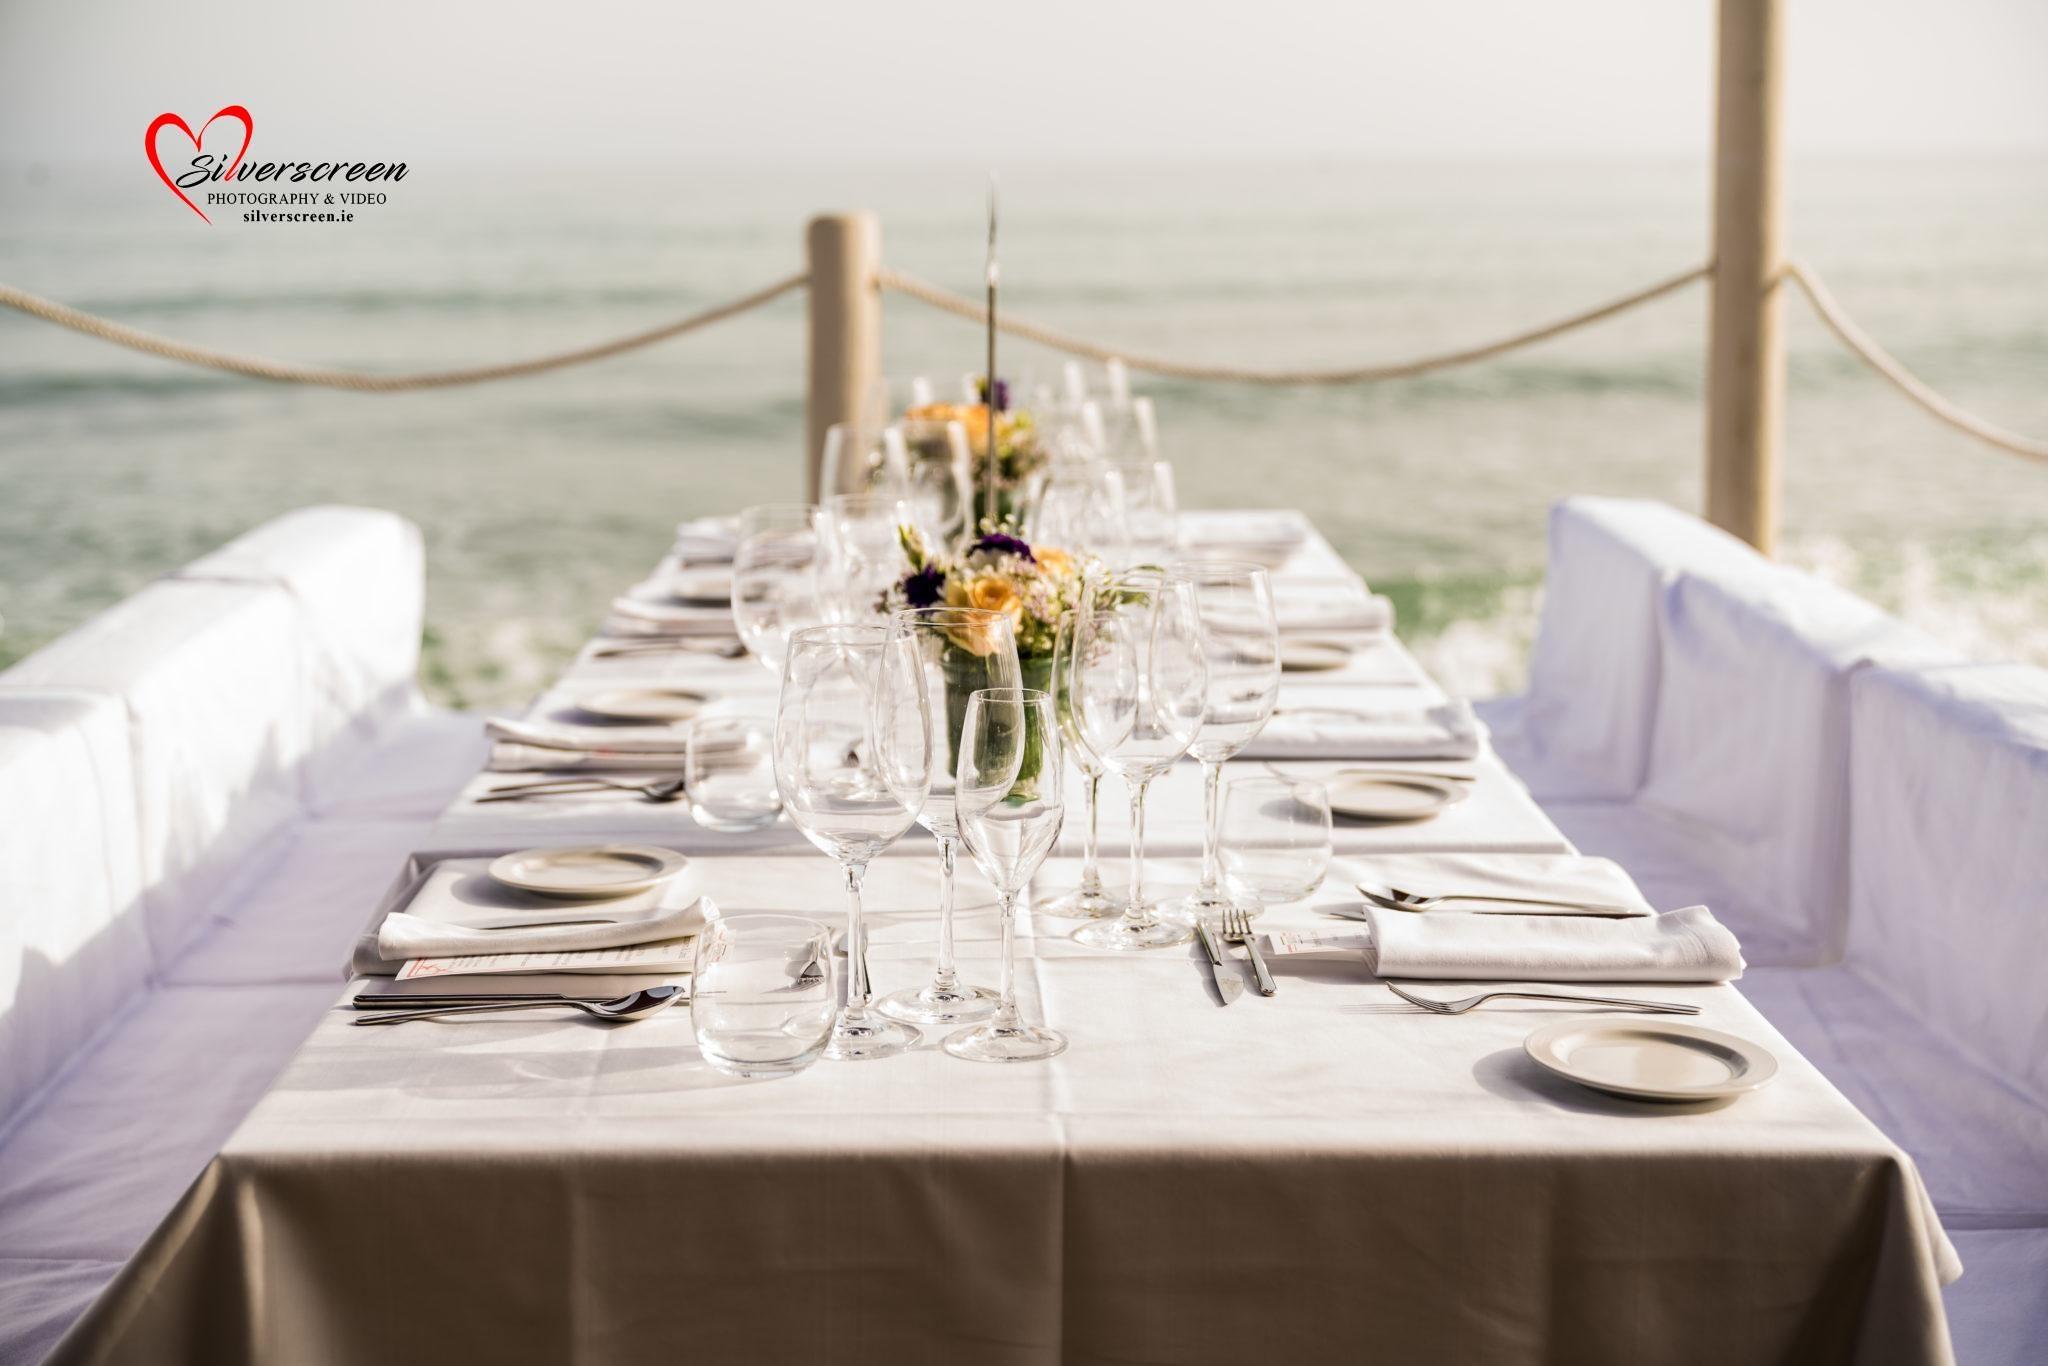 Wedding Reception Table Setup – Marbella Beach Club - Wedding Decor